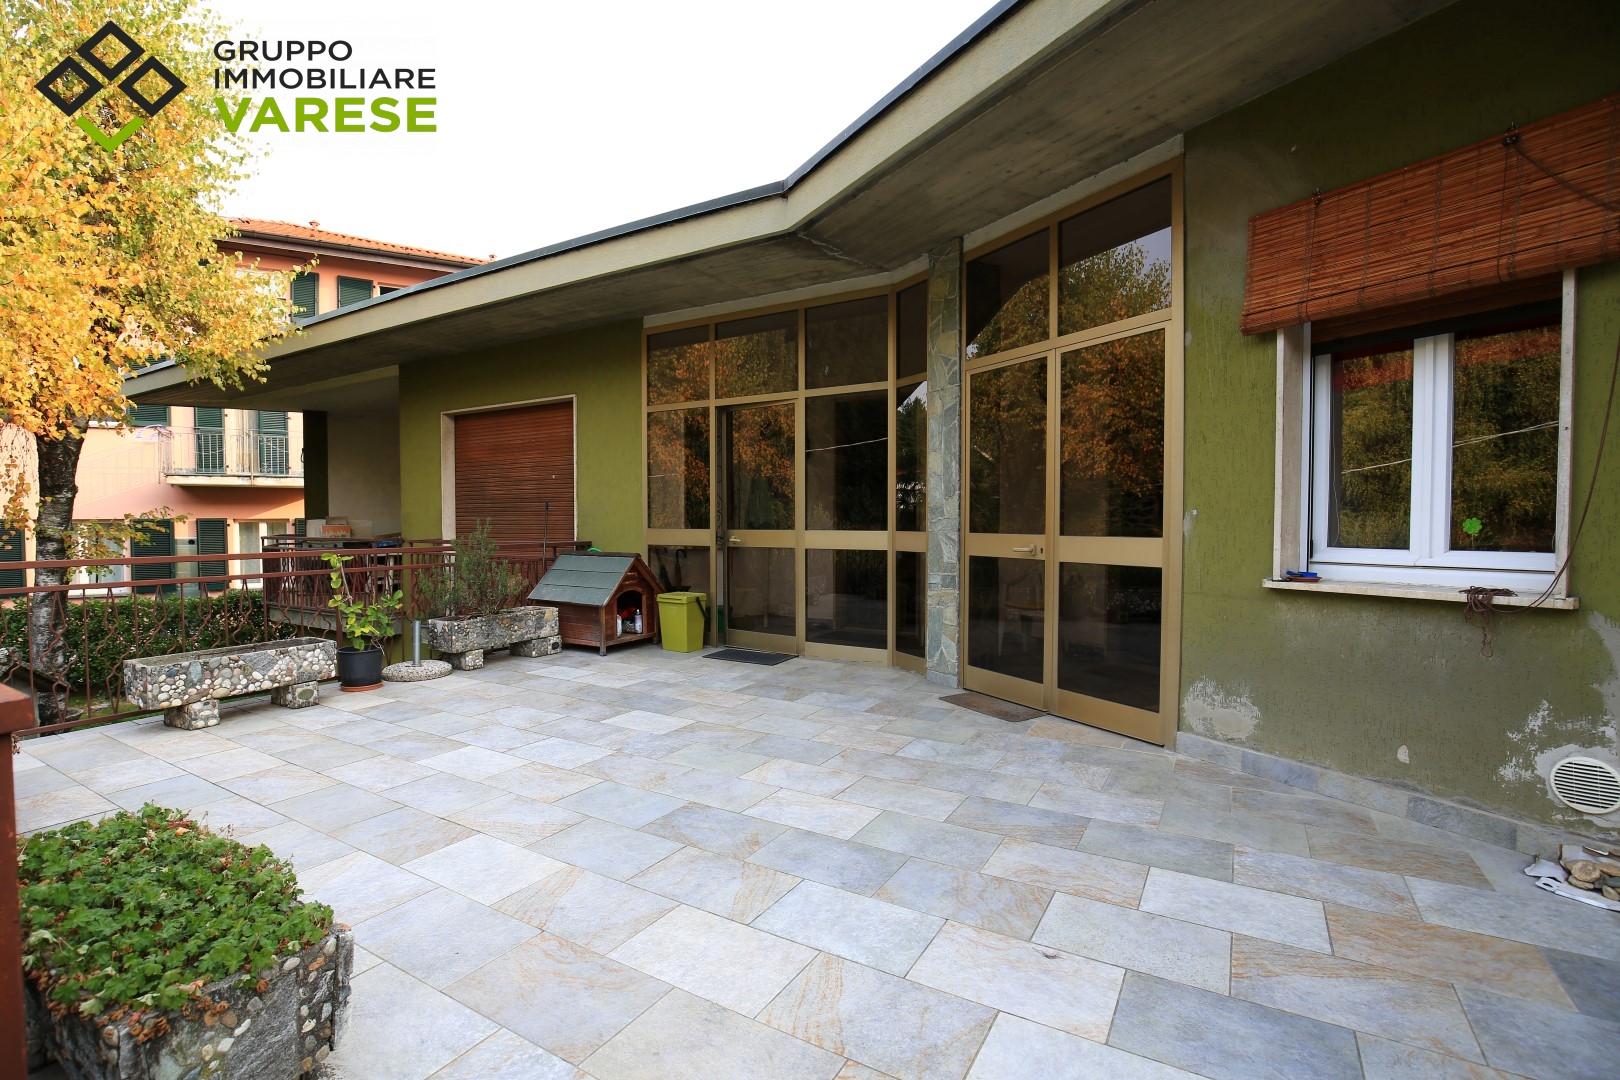 Appartamento in vendita a Morazzone, 4 locali, prezzo € 110.000 | CambioCasa.it